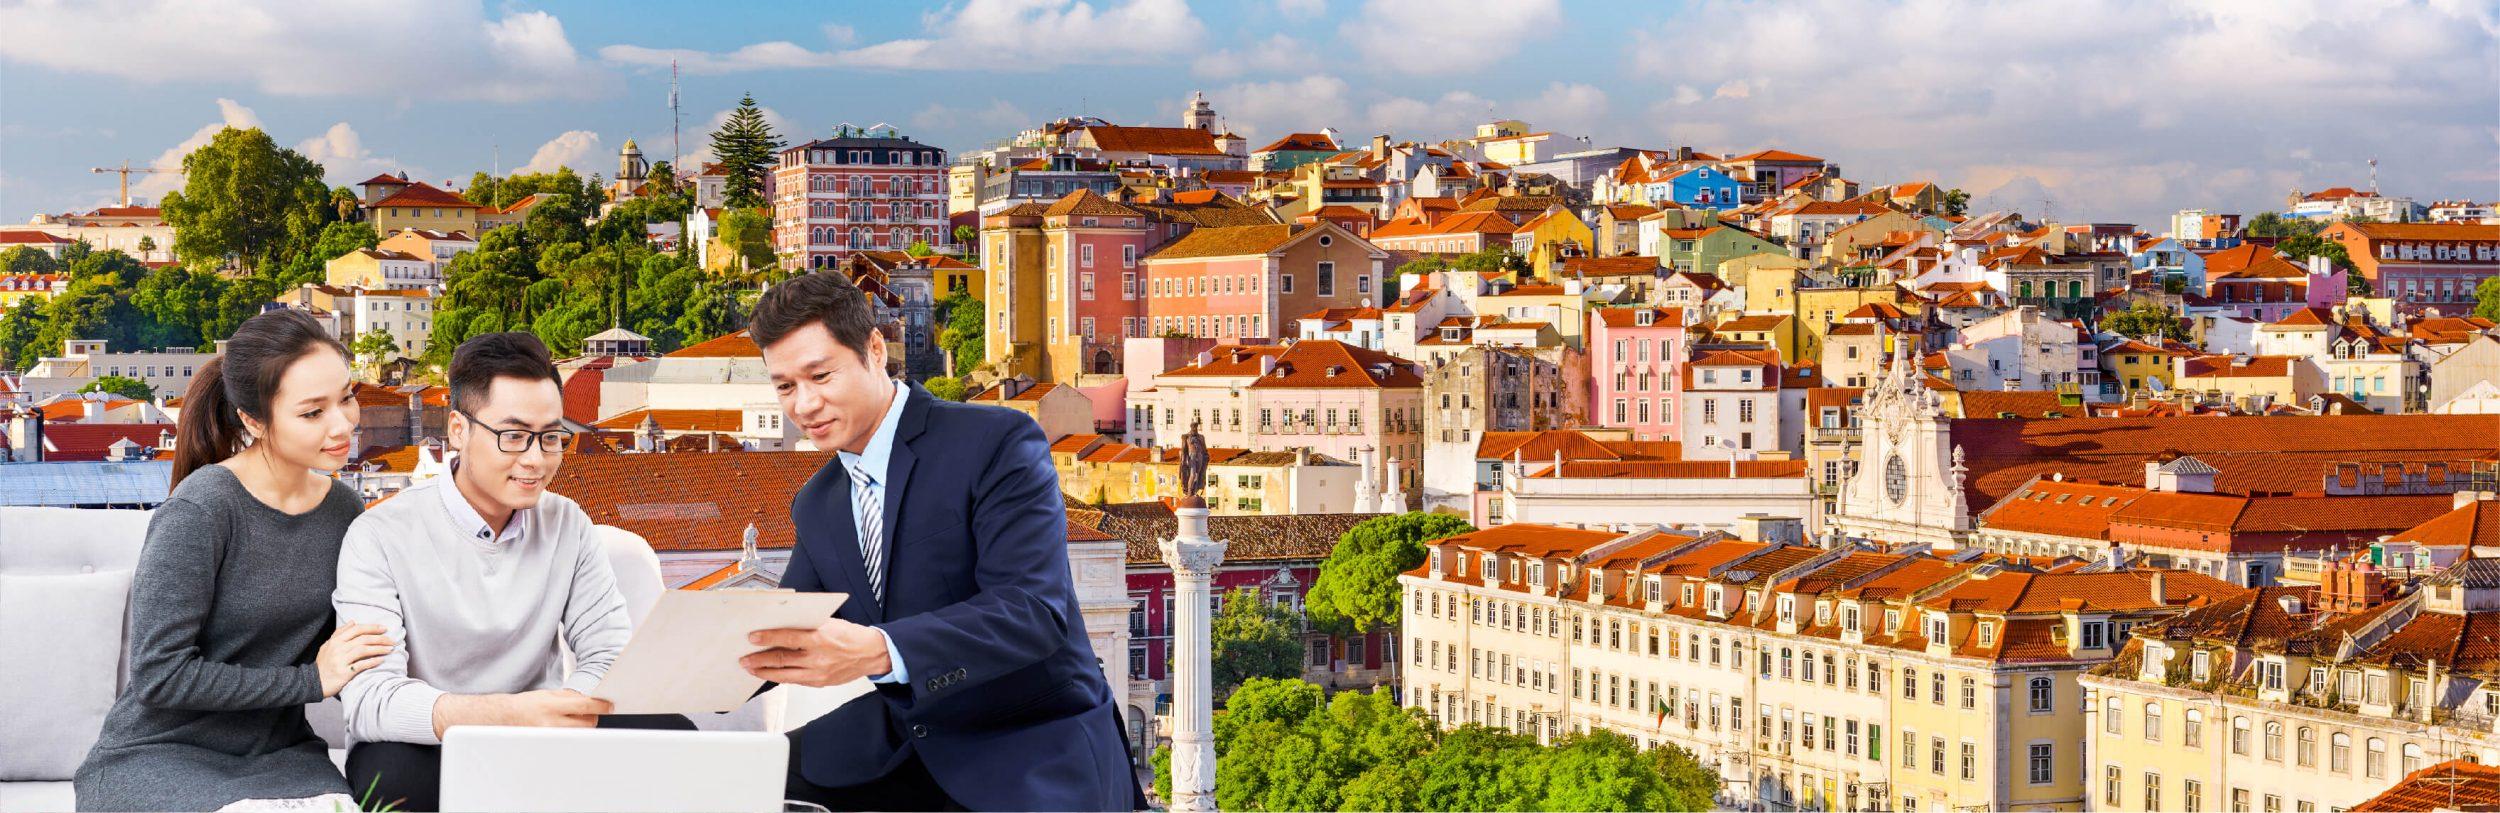 Sở hữu bất động sản cao cấp, lấy Golden Visa Bồ Đào Nha hướng đến quốc tịch châu Âu